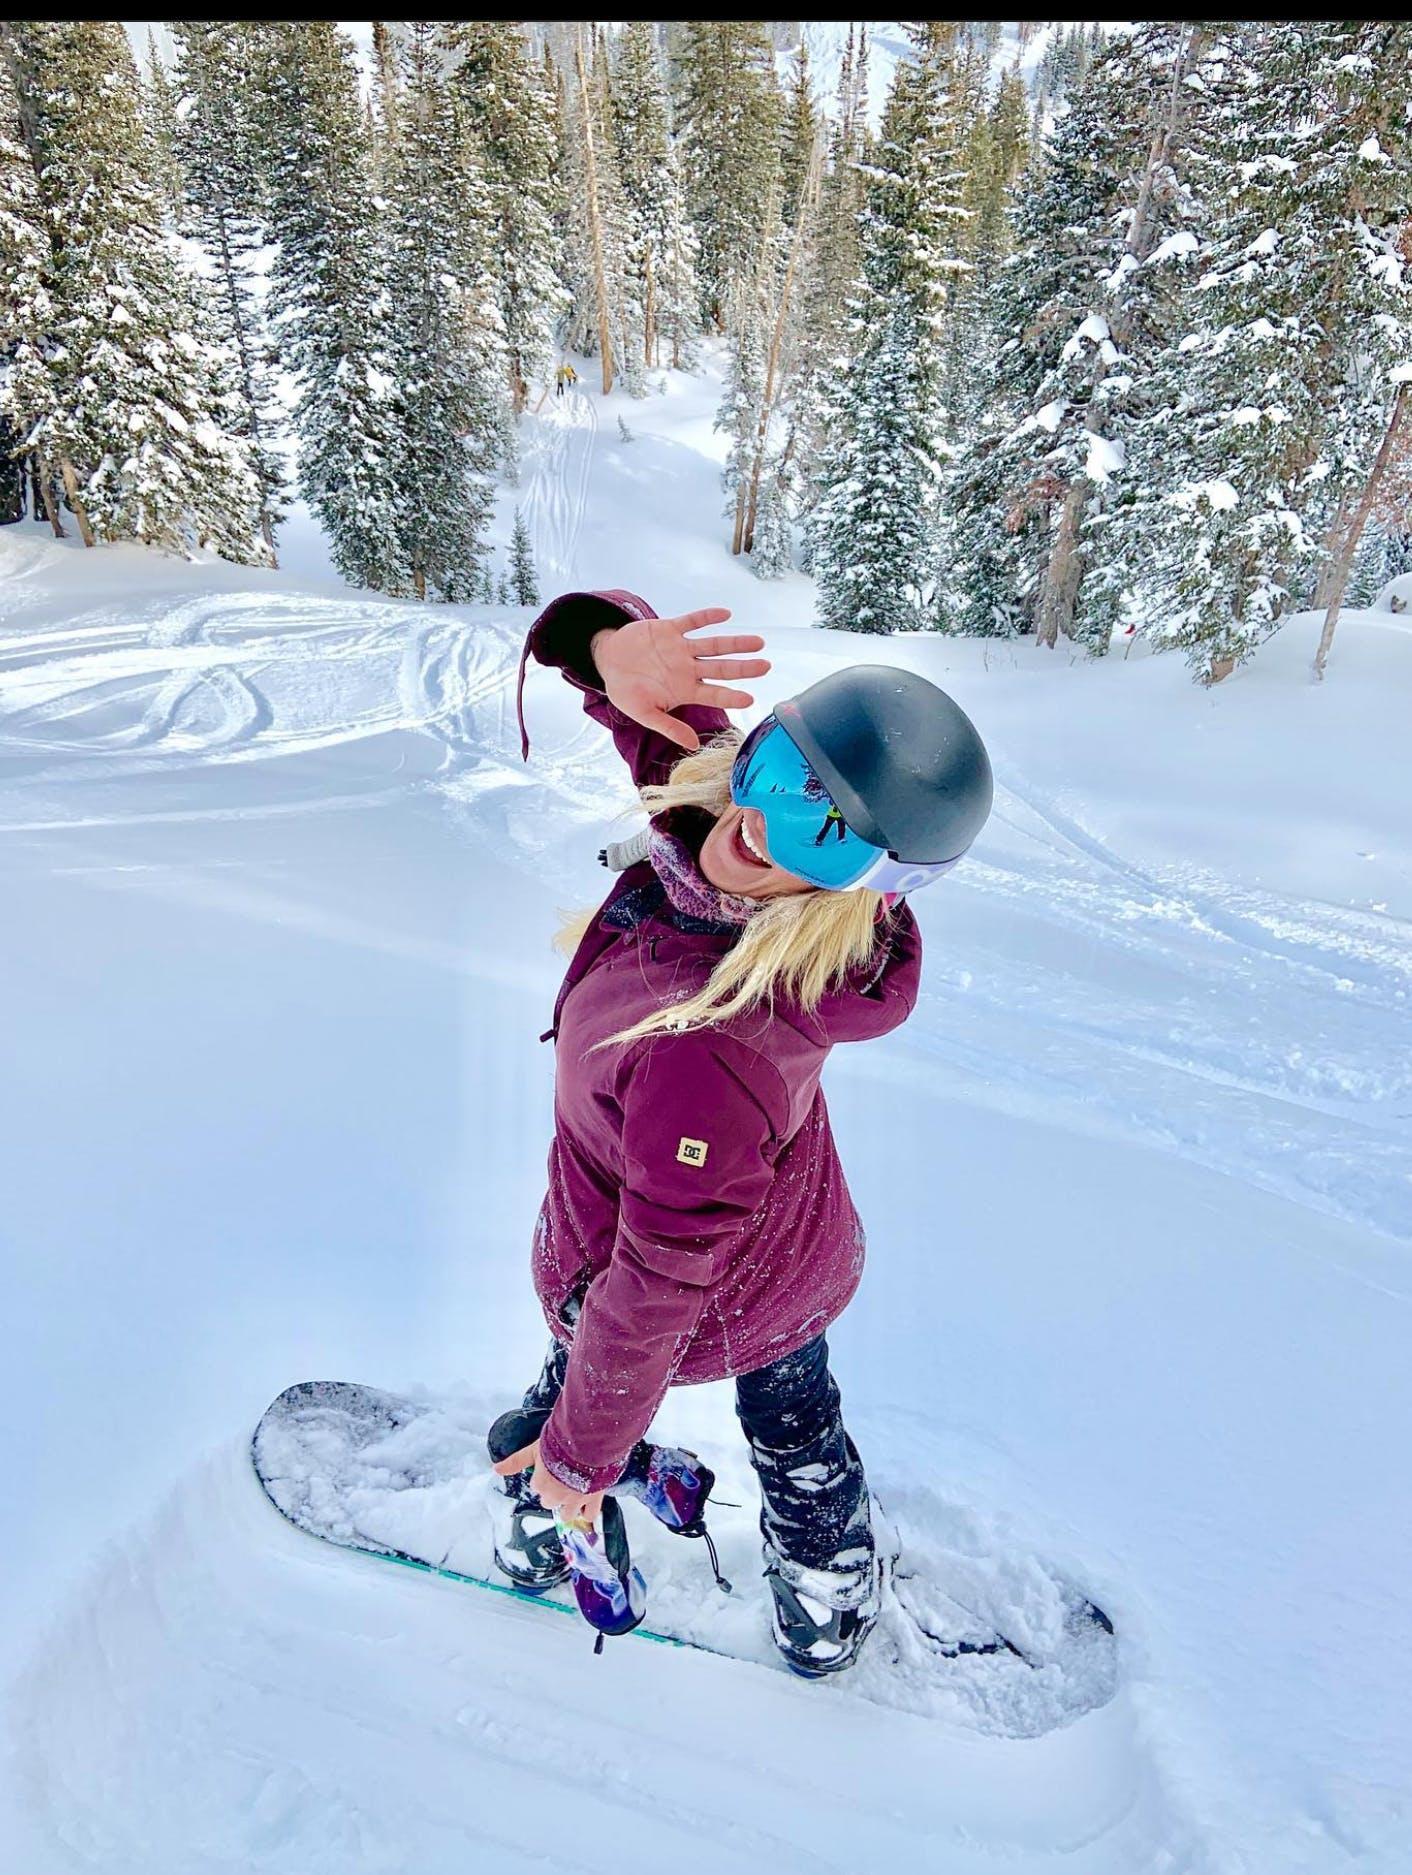 Winter Sports Expert Katelyn Cox